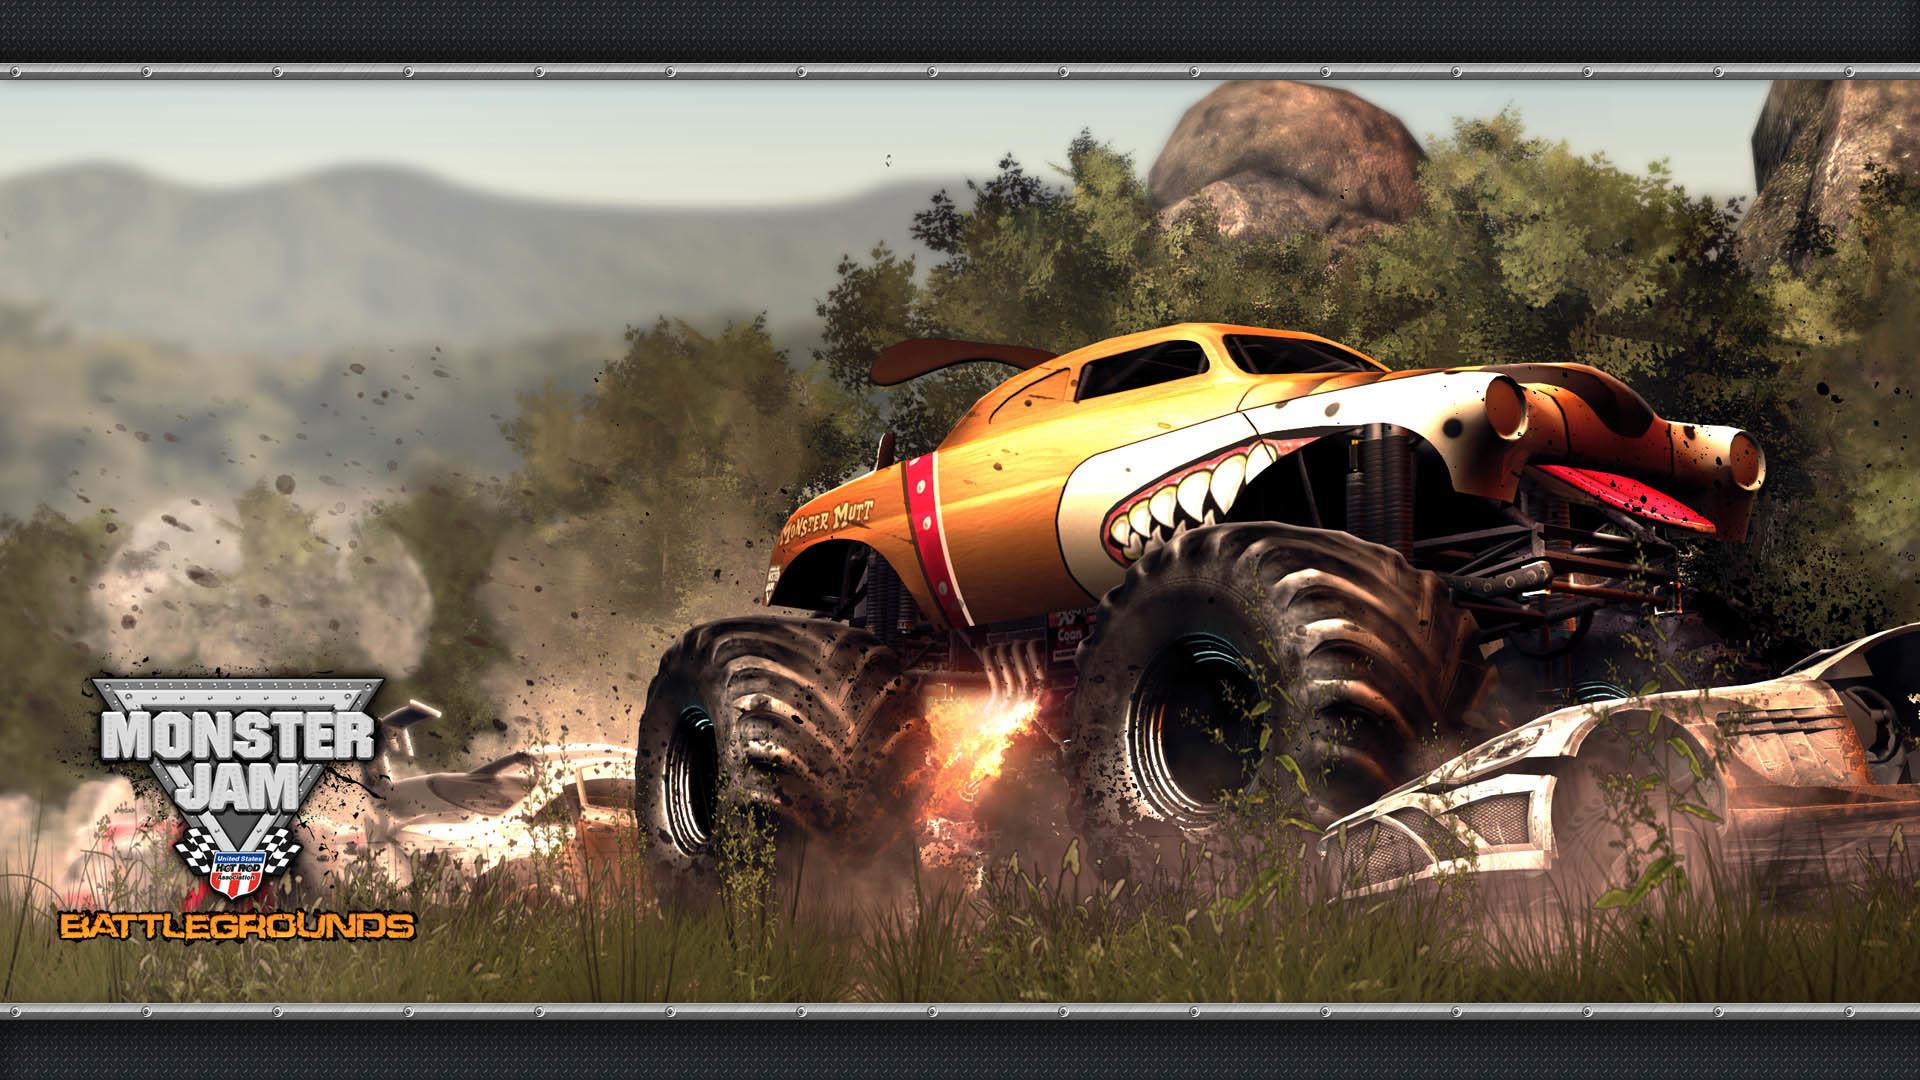 Dodge 4x4 Trucks >> Monster Jam Wallpaper Desktop (51+ images)